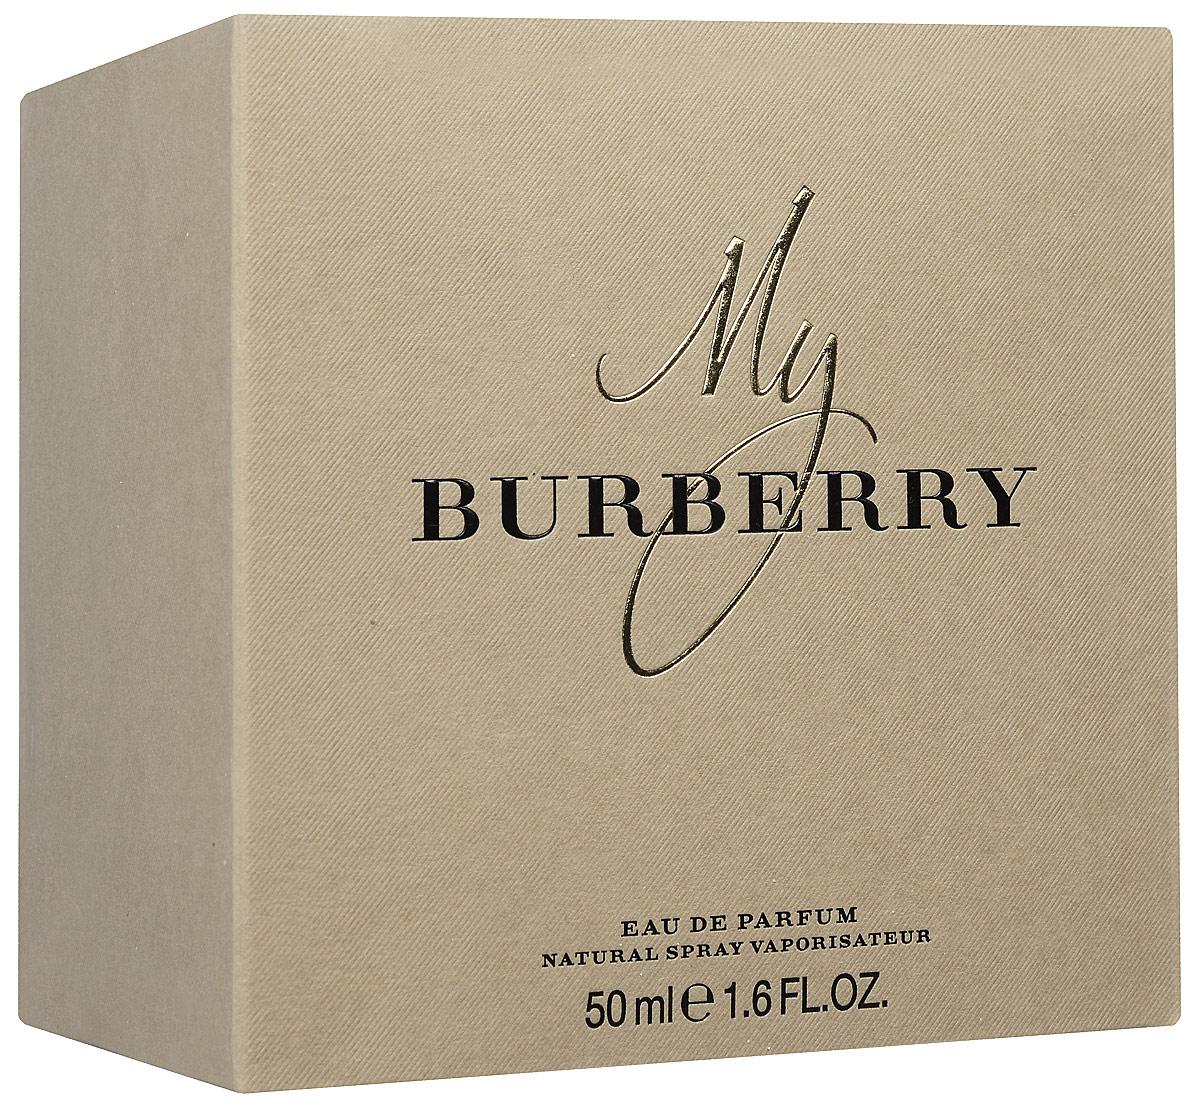 BURBERRY MY BURBERRY WOMAN парфюмированная вода 50МЛ13045Цветочные. Бергамот, душистый горошек, айва, герань, фрезия, пачули, розаКраткий гид по парфюмерии: виды, ноты, ароматы, советы по выбору. Статья OZON Гид